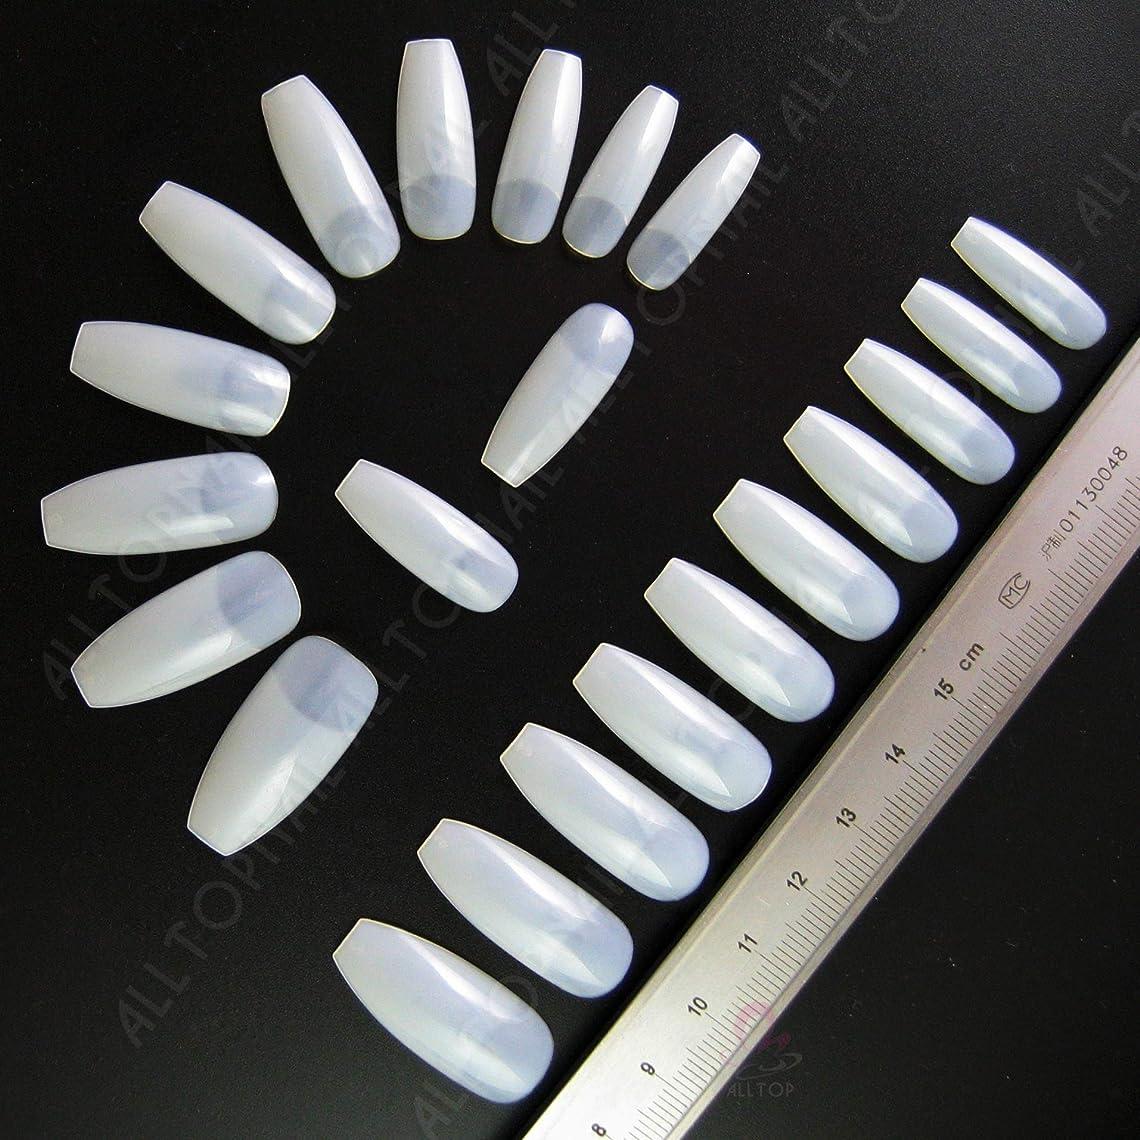 官僚キャンドル思いつく棺形状偽ネイルのバレリーナ偽ネイルのヒント人工偽爪 100 ピース(ベージュ)